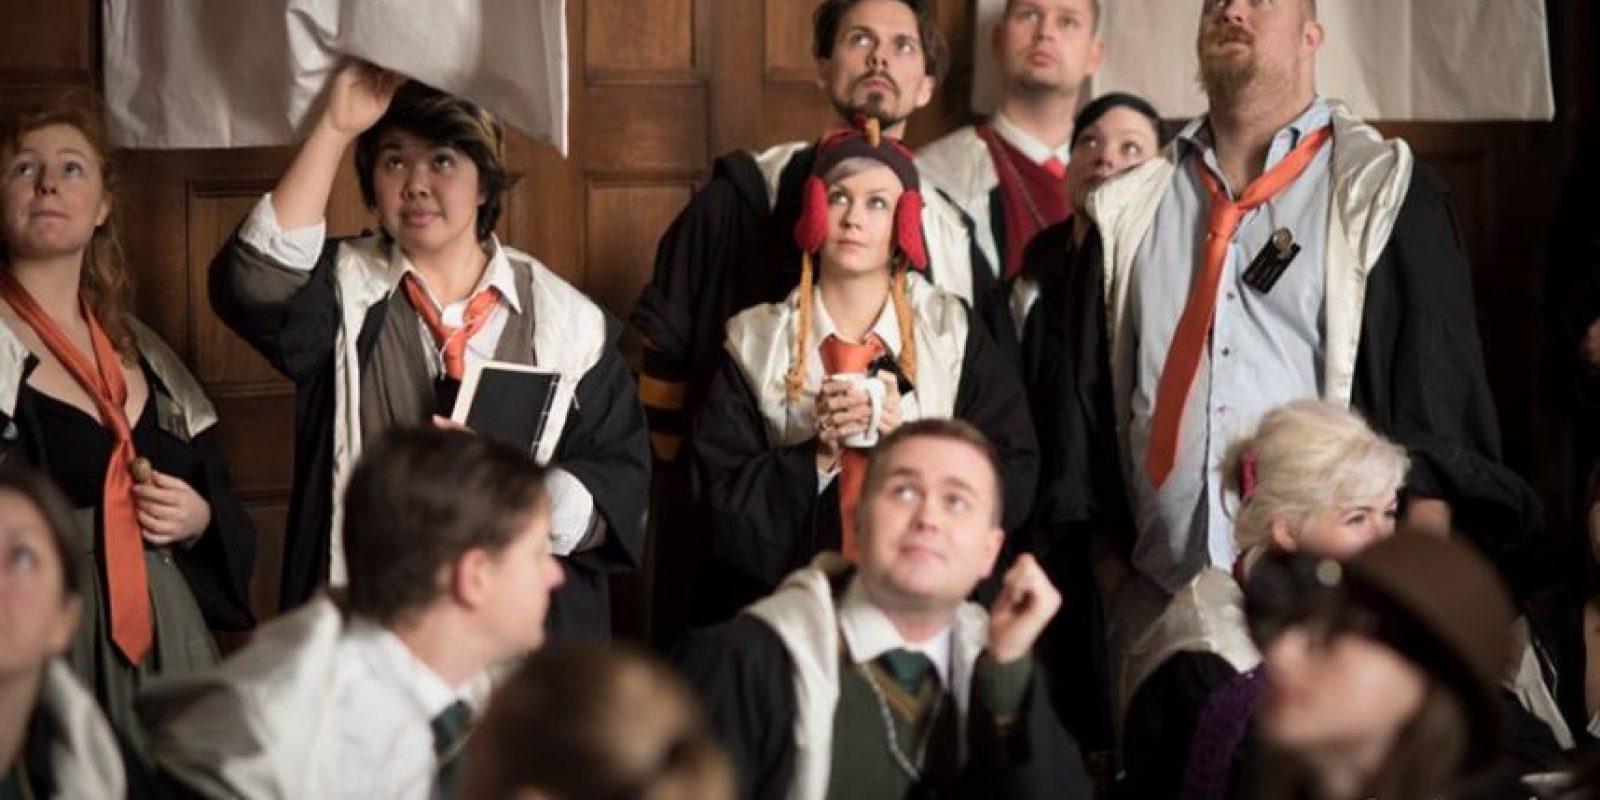 En este juego de rol, los concursantes viven y visten como los personajes de J.K. Rowling. Foto:Facebook/ John-Paul Bichard